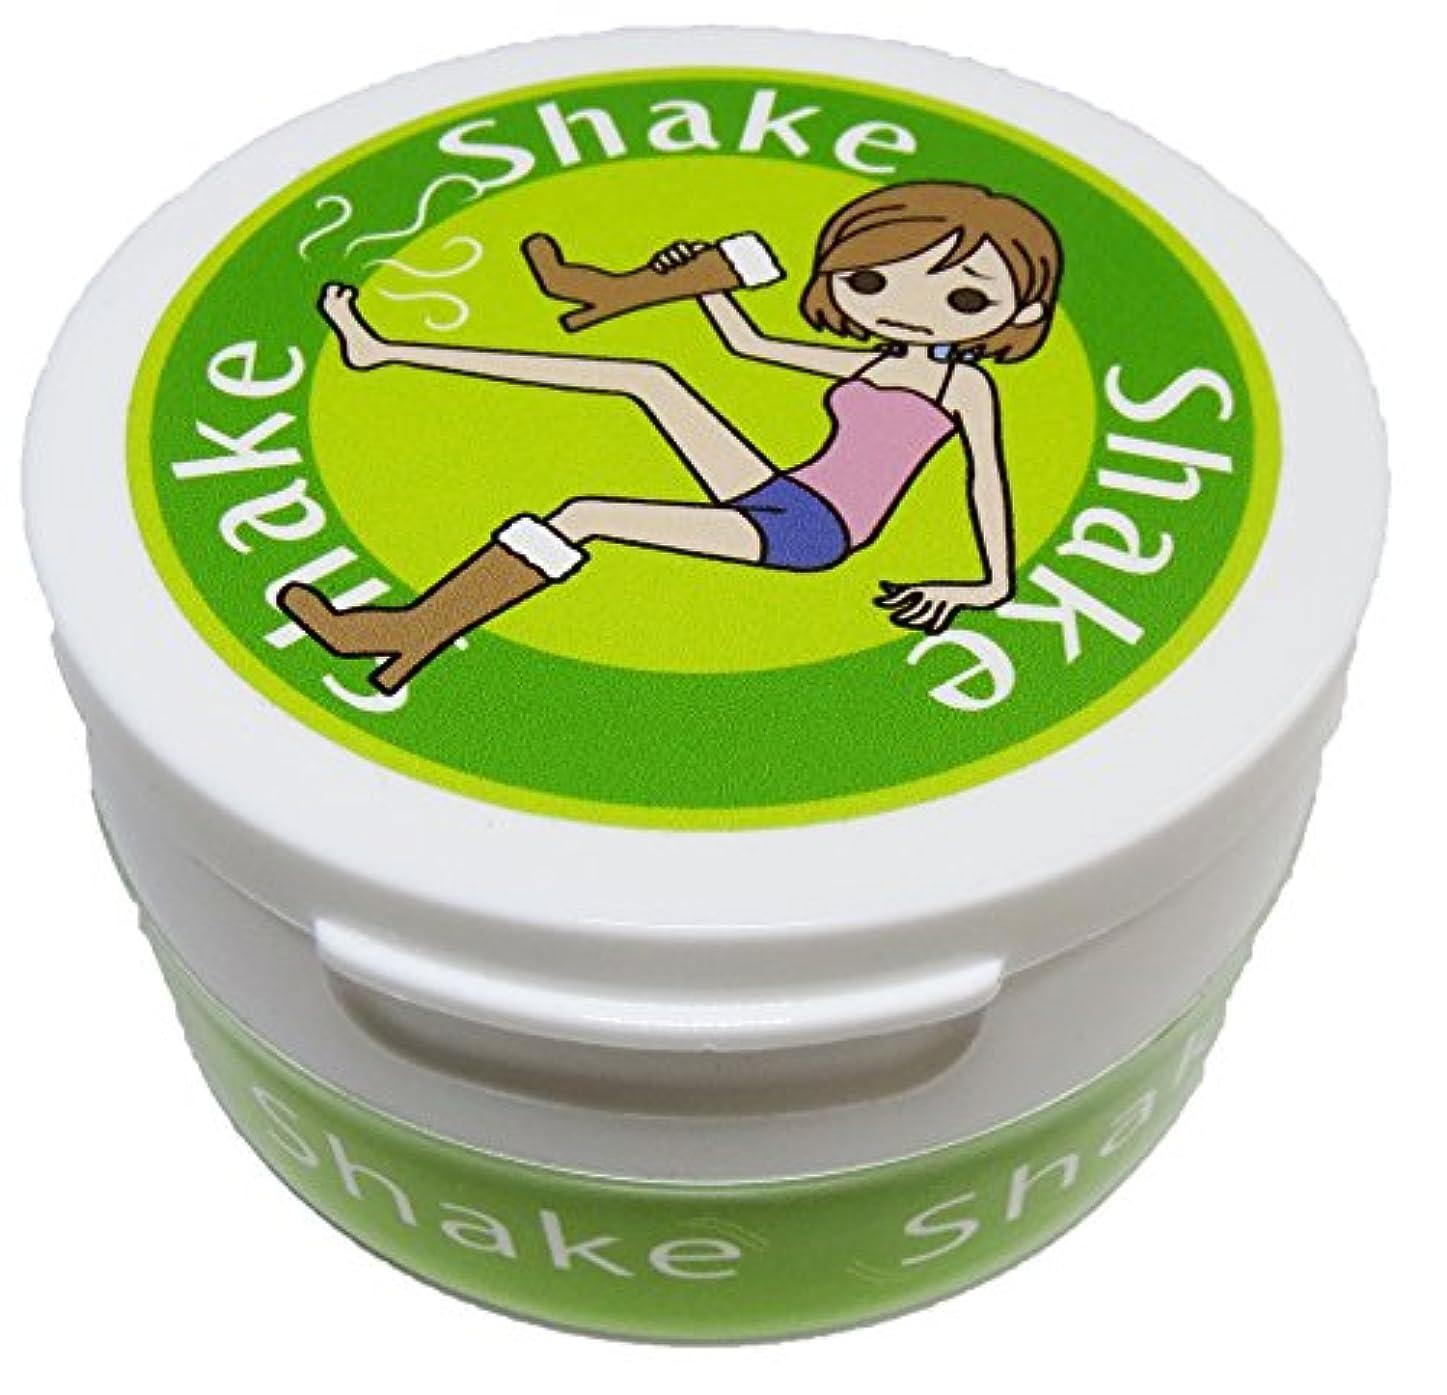 マート簡略化する取り戻す簡単、靴の消臭! SHAKE SHAKE SHAKE(シェイクシェイクシェイク)